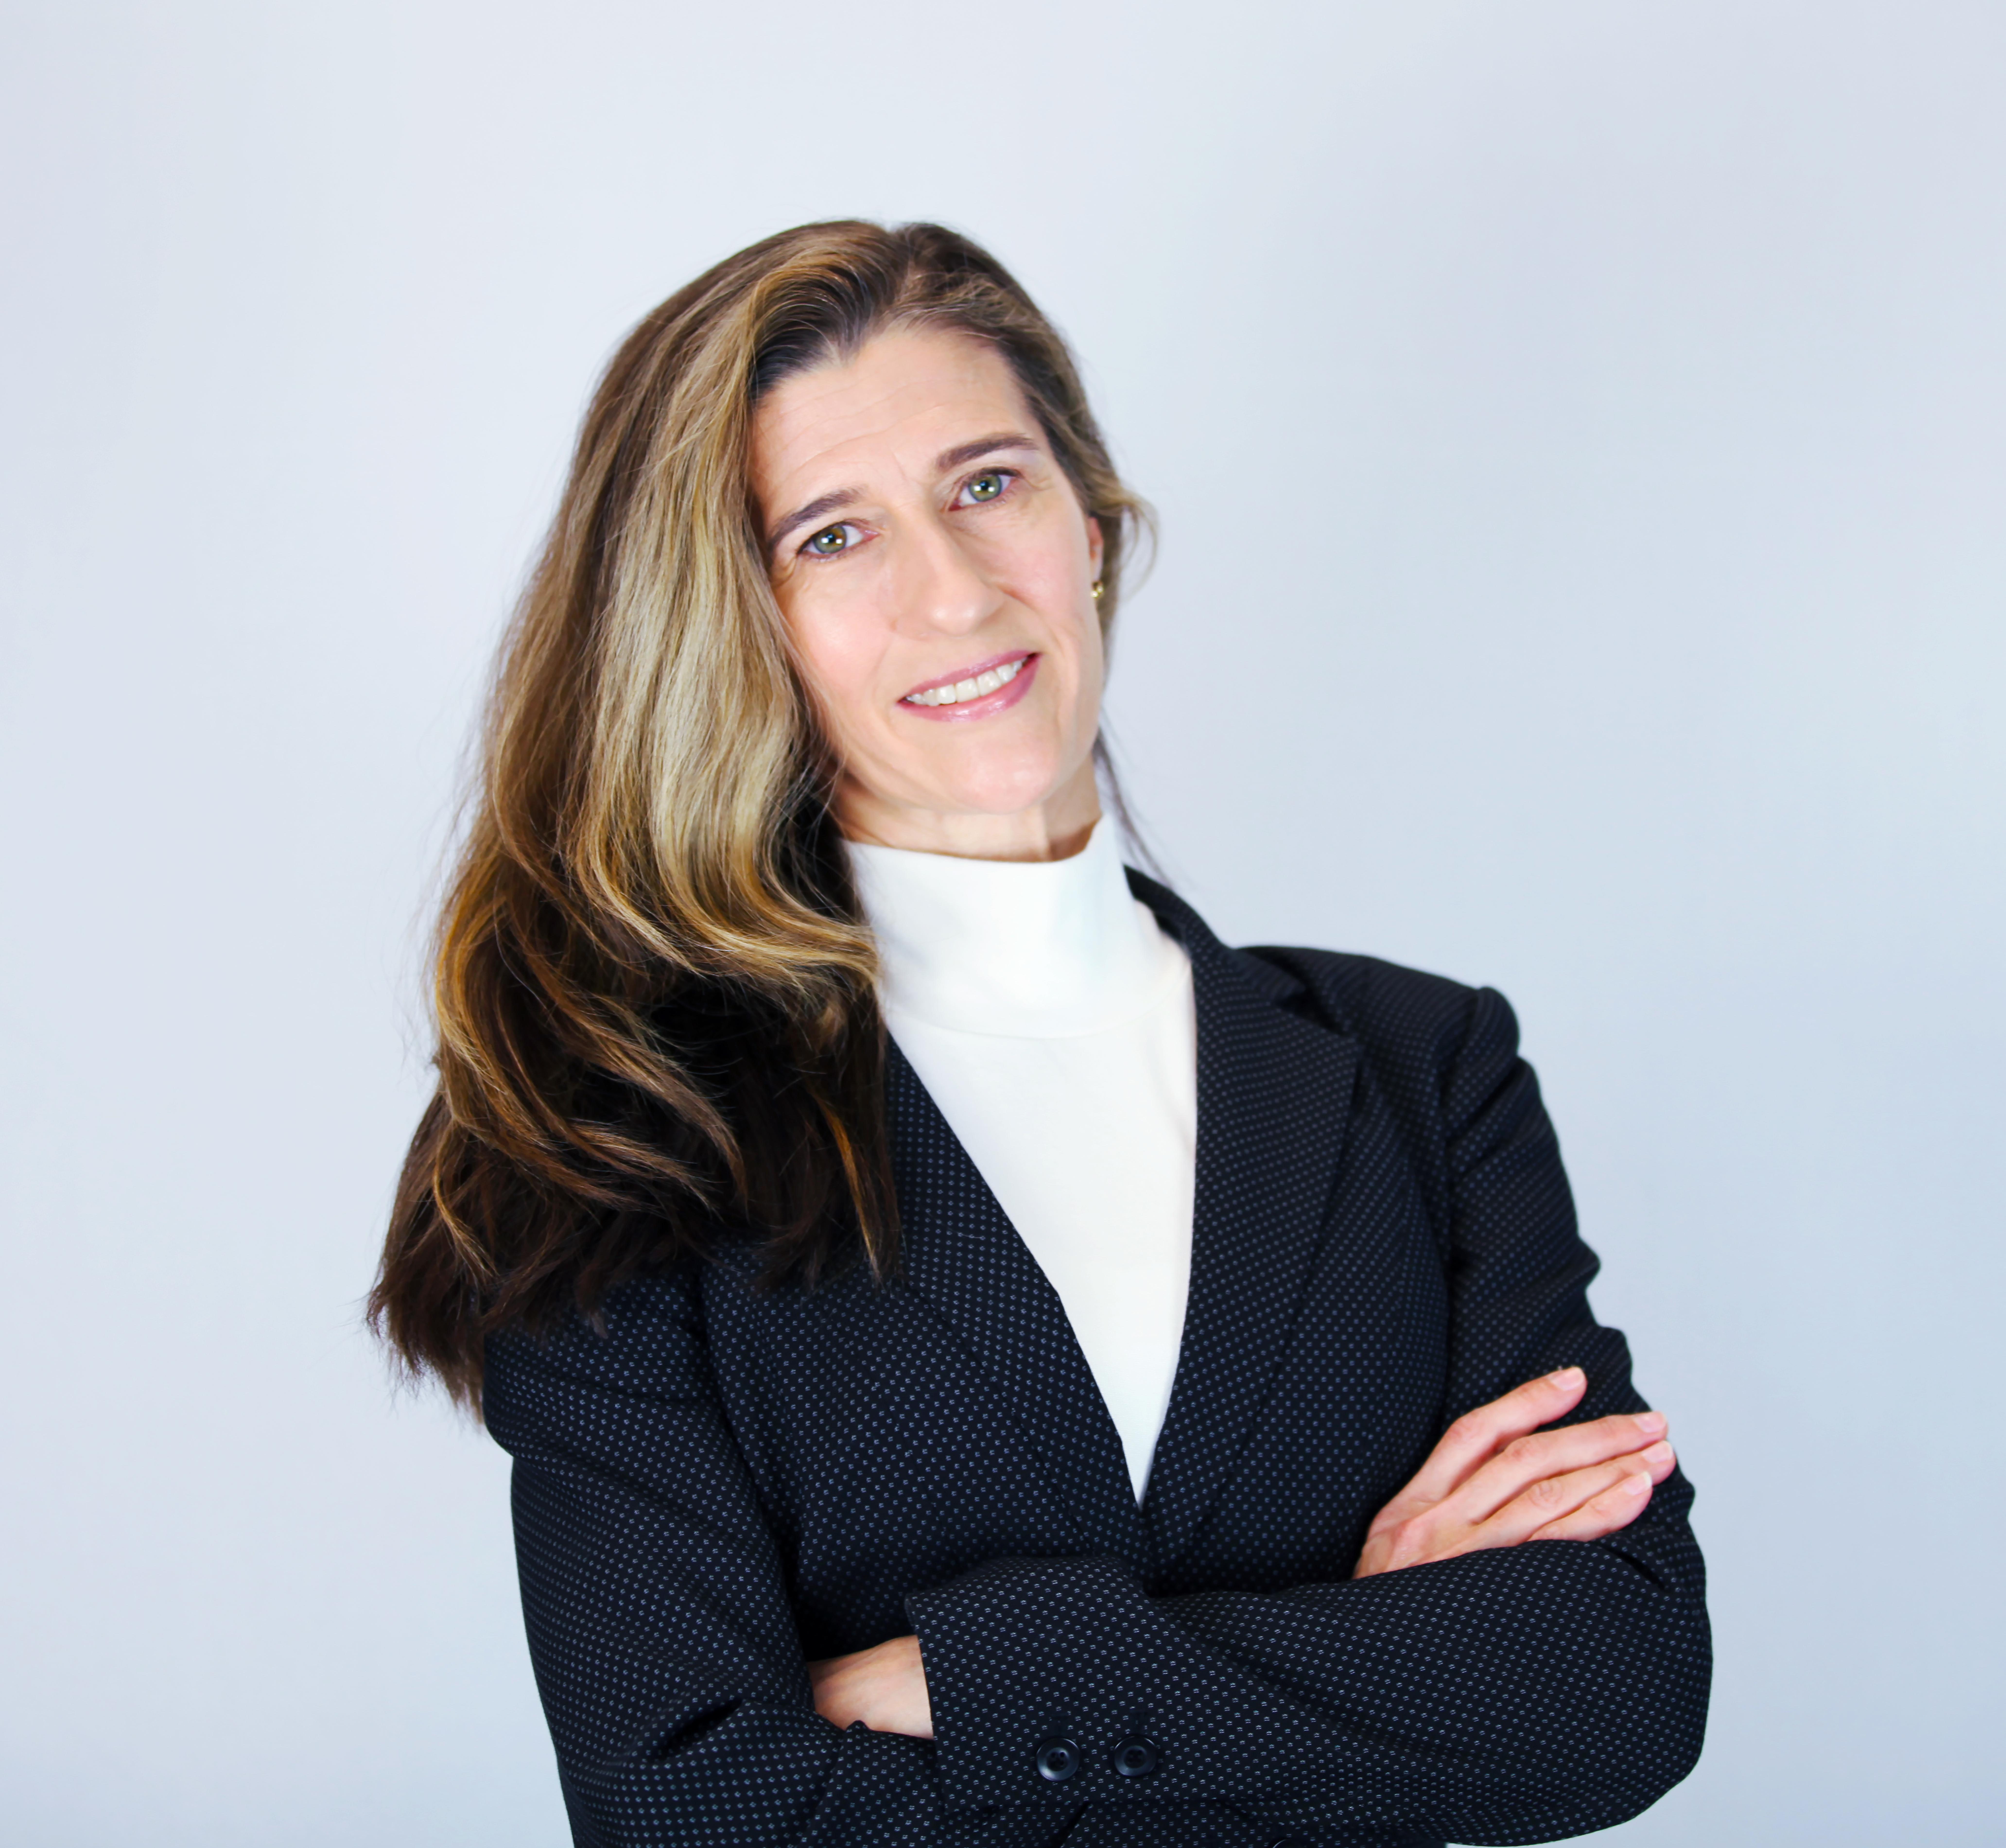 Paola Cassidy